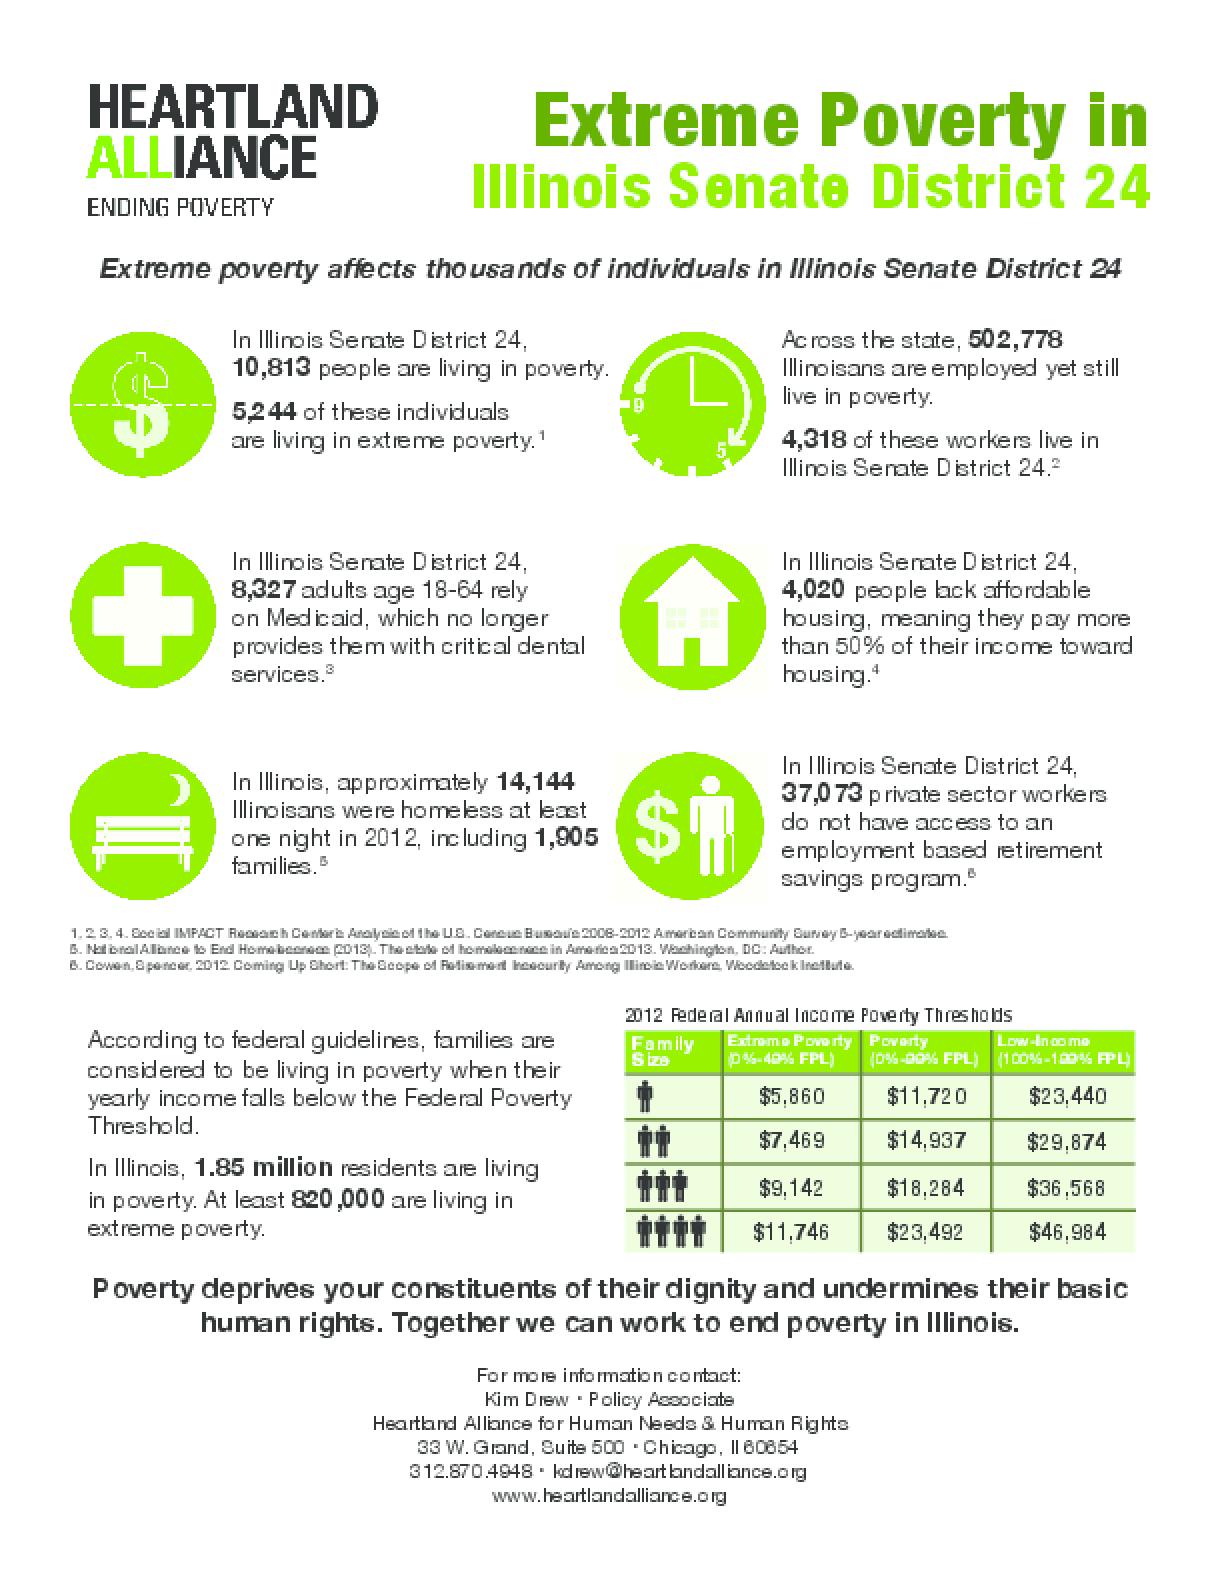 Poverty Fact Sheet for Illinois Senate District 24